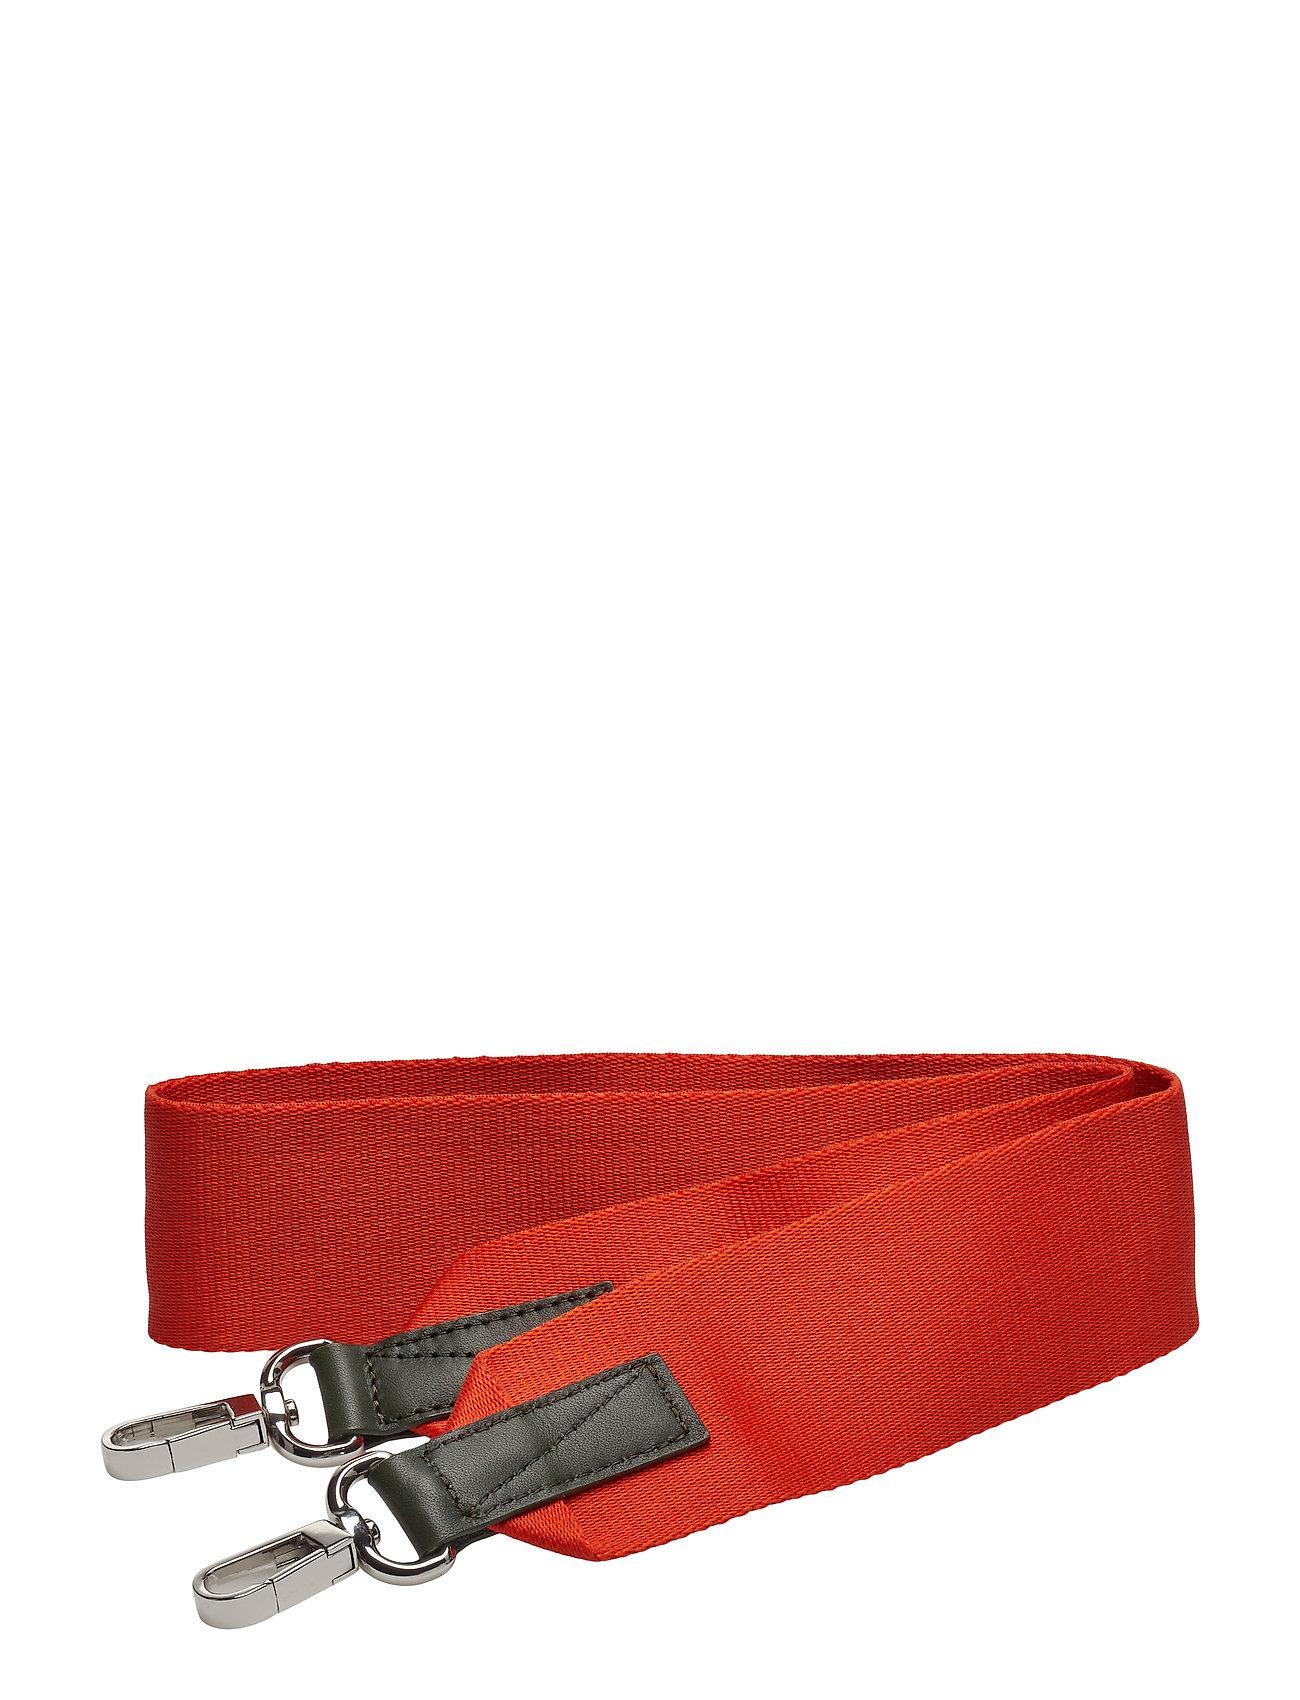 SANDQVIST SHOULDER STRAP WEBBING - RED